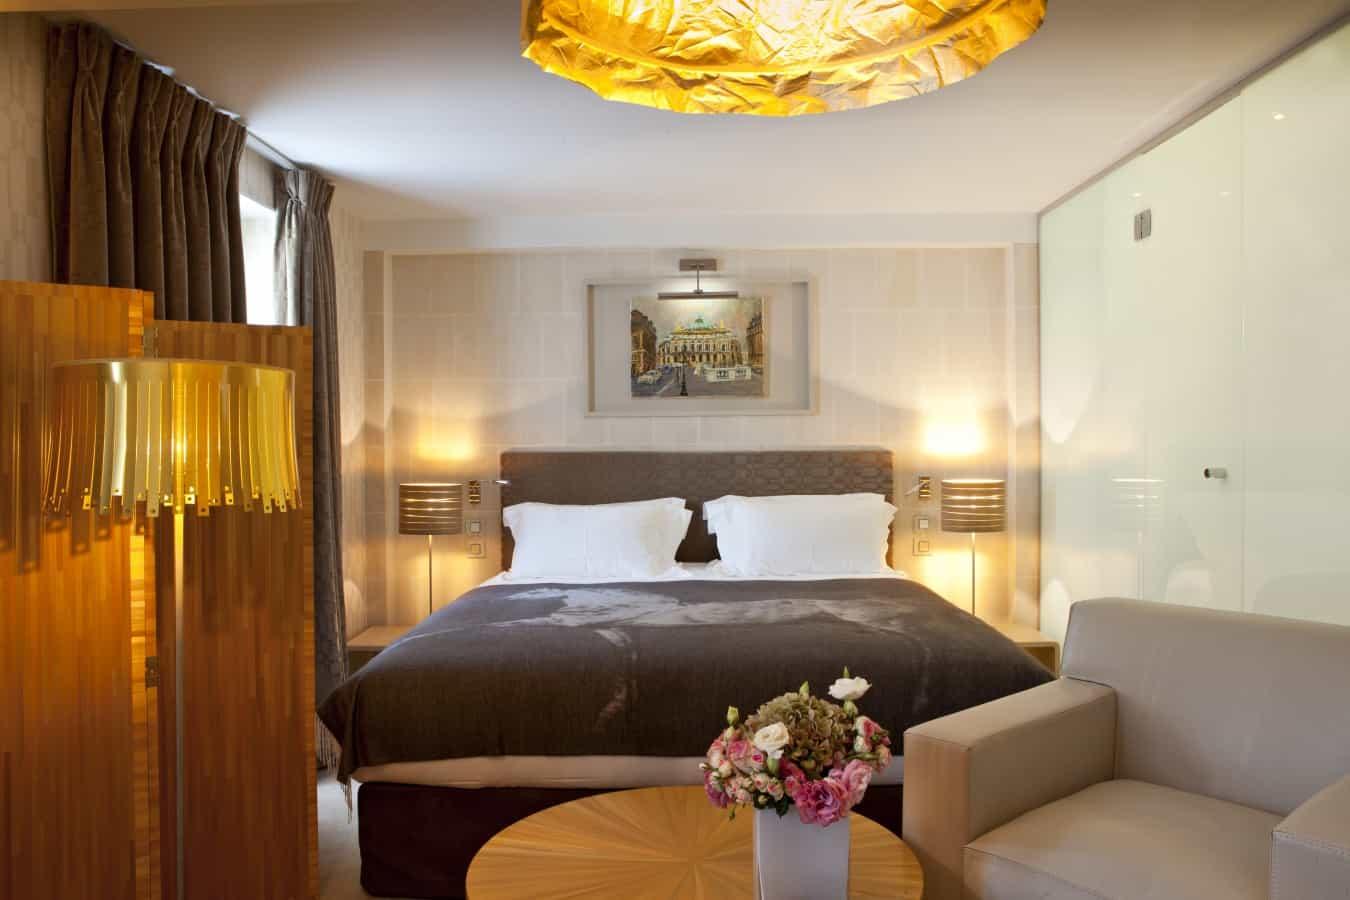 hotel-le-pradey-accueil-sizel-364241-1600-900